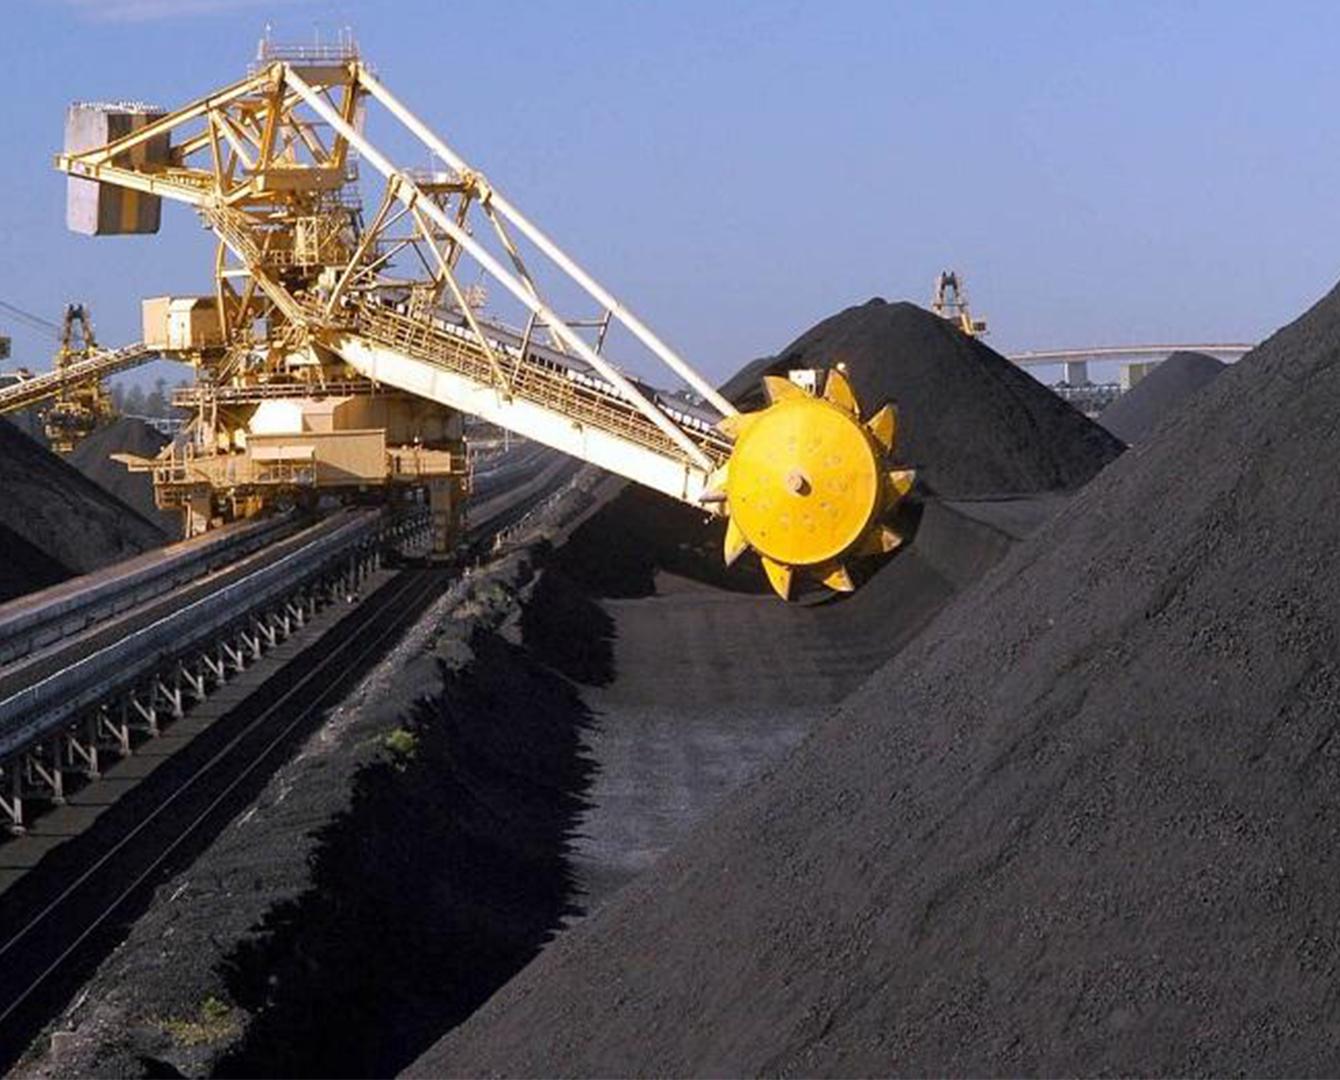 Инвестициялар және даму министрі: Көмірдің тоннасы 3 мың теңгеге төмендейді